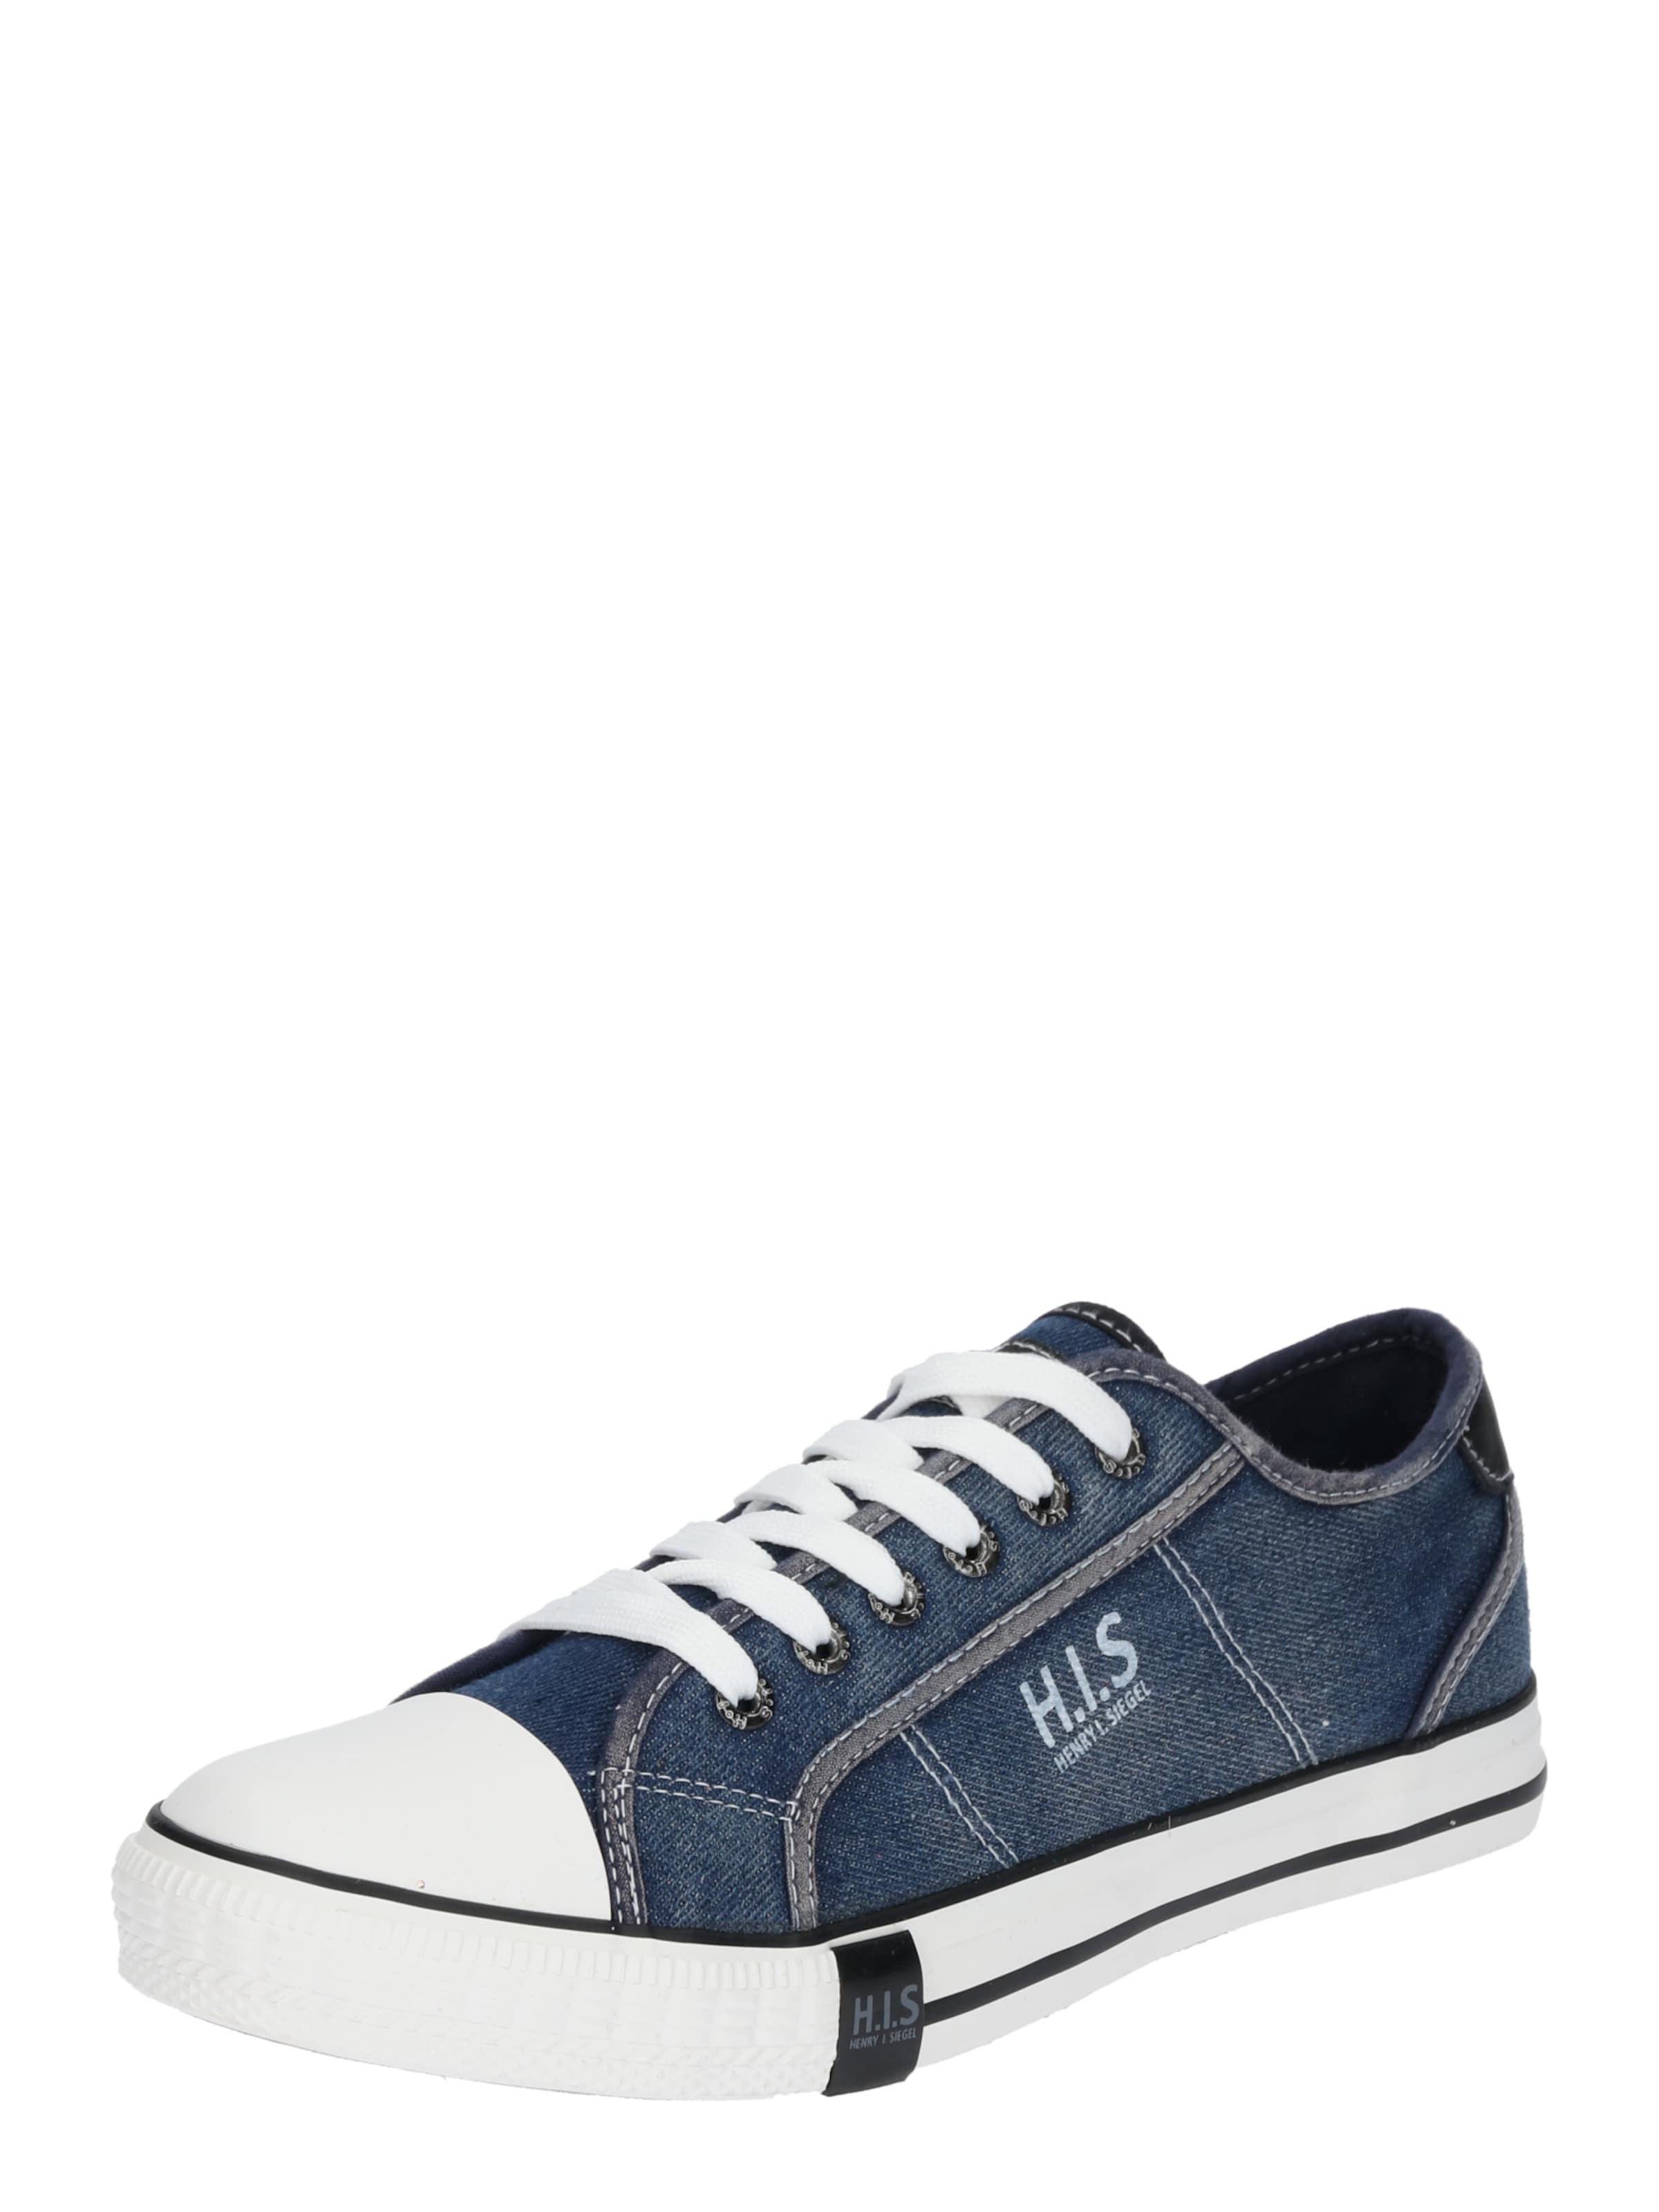 H.I.S Sneaker im Canvas-Look schwarz / weiß wgDD3zwZ6m